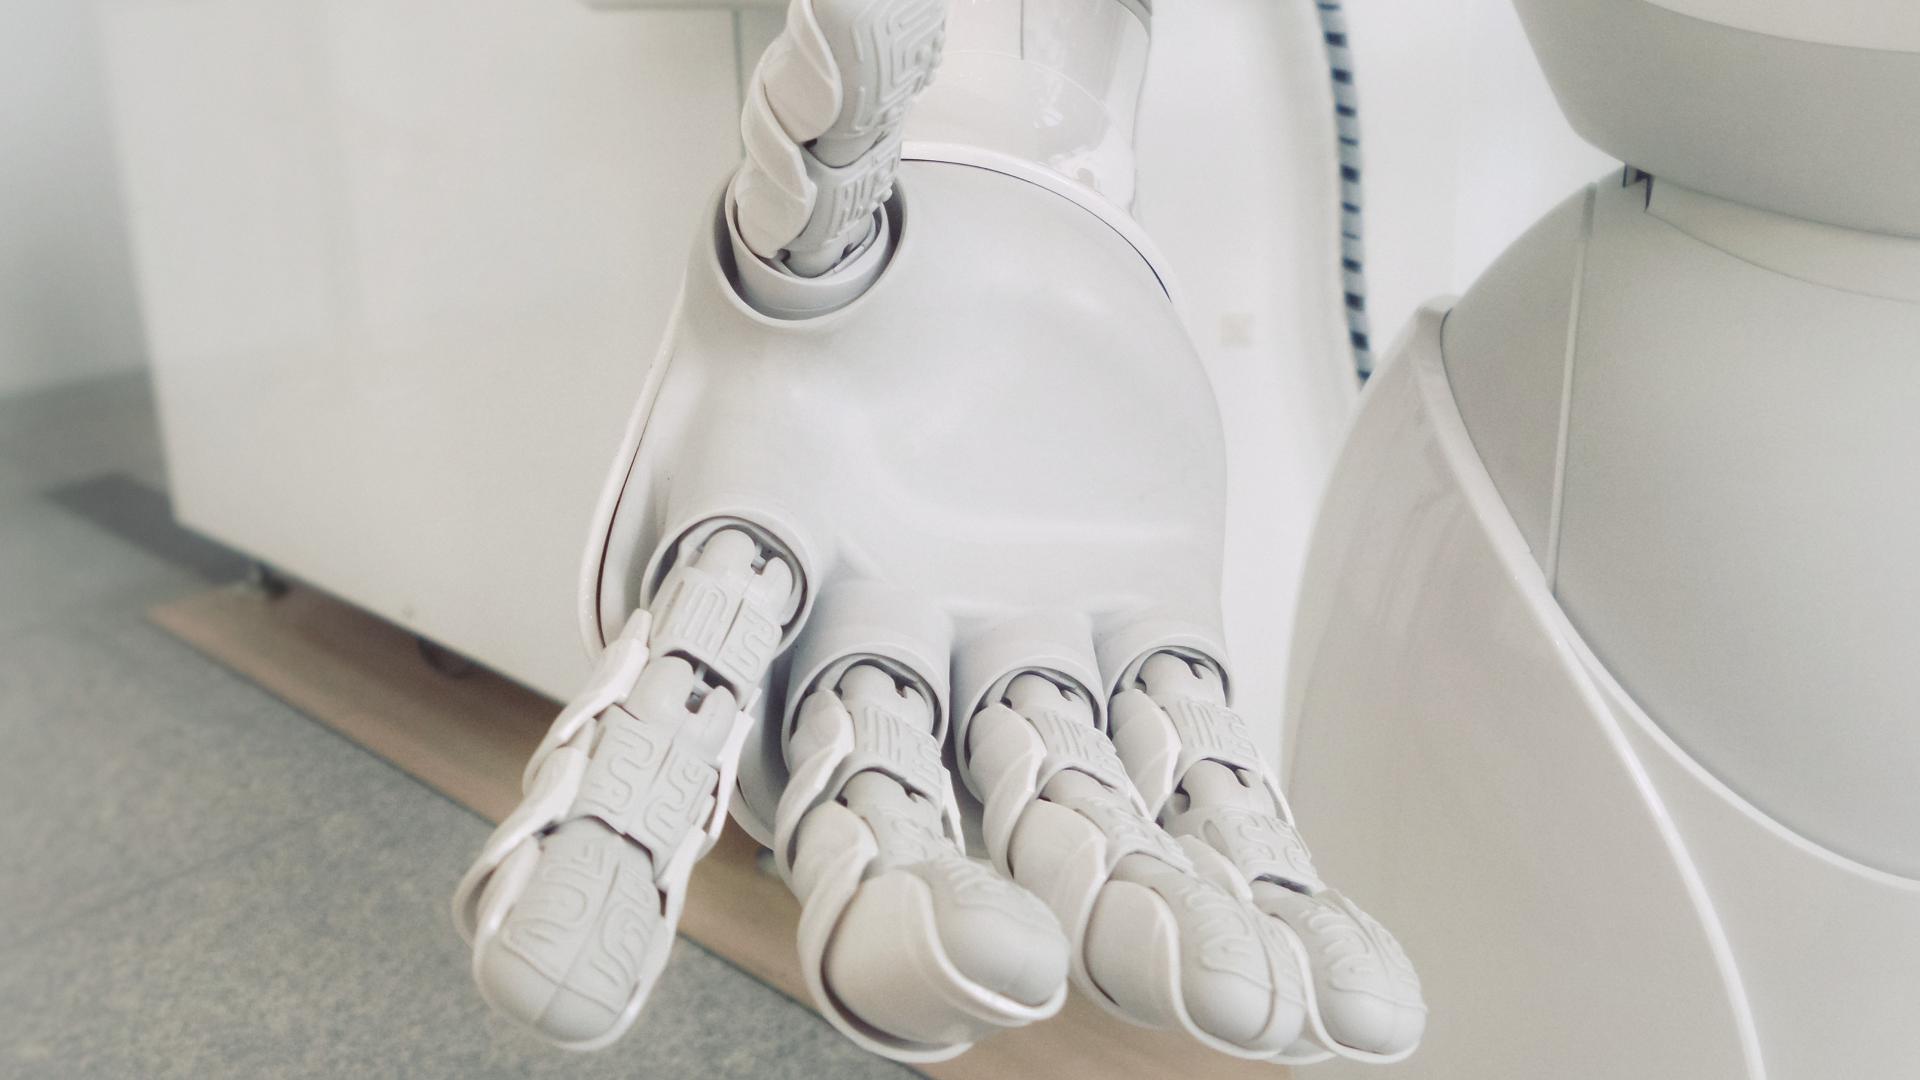 Roboter Roboterarm